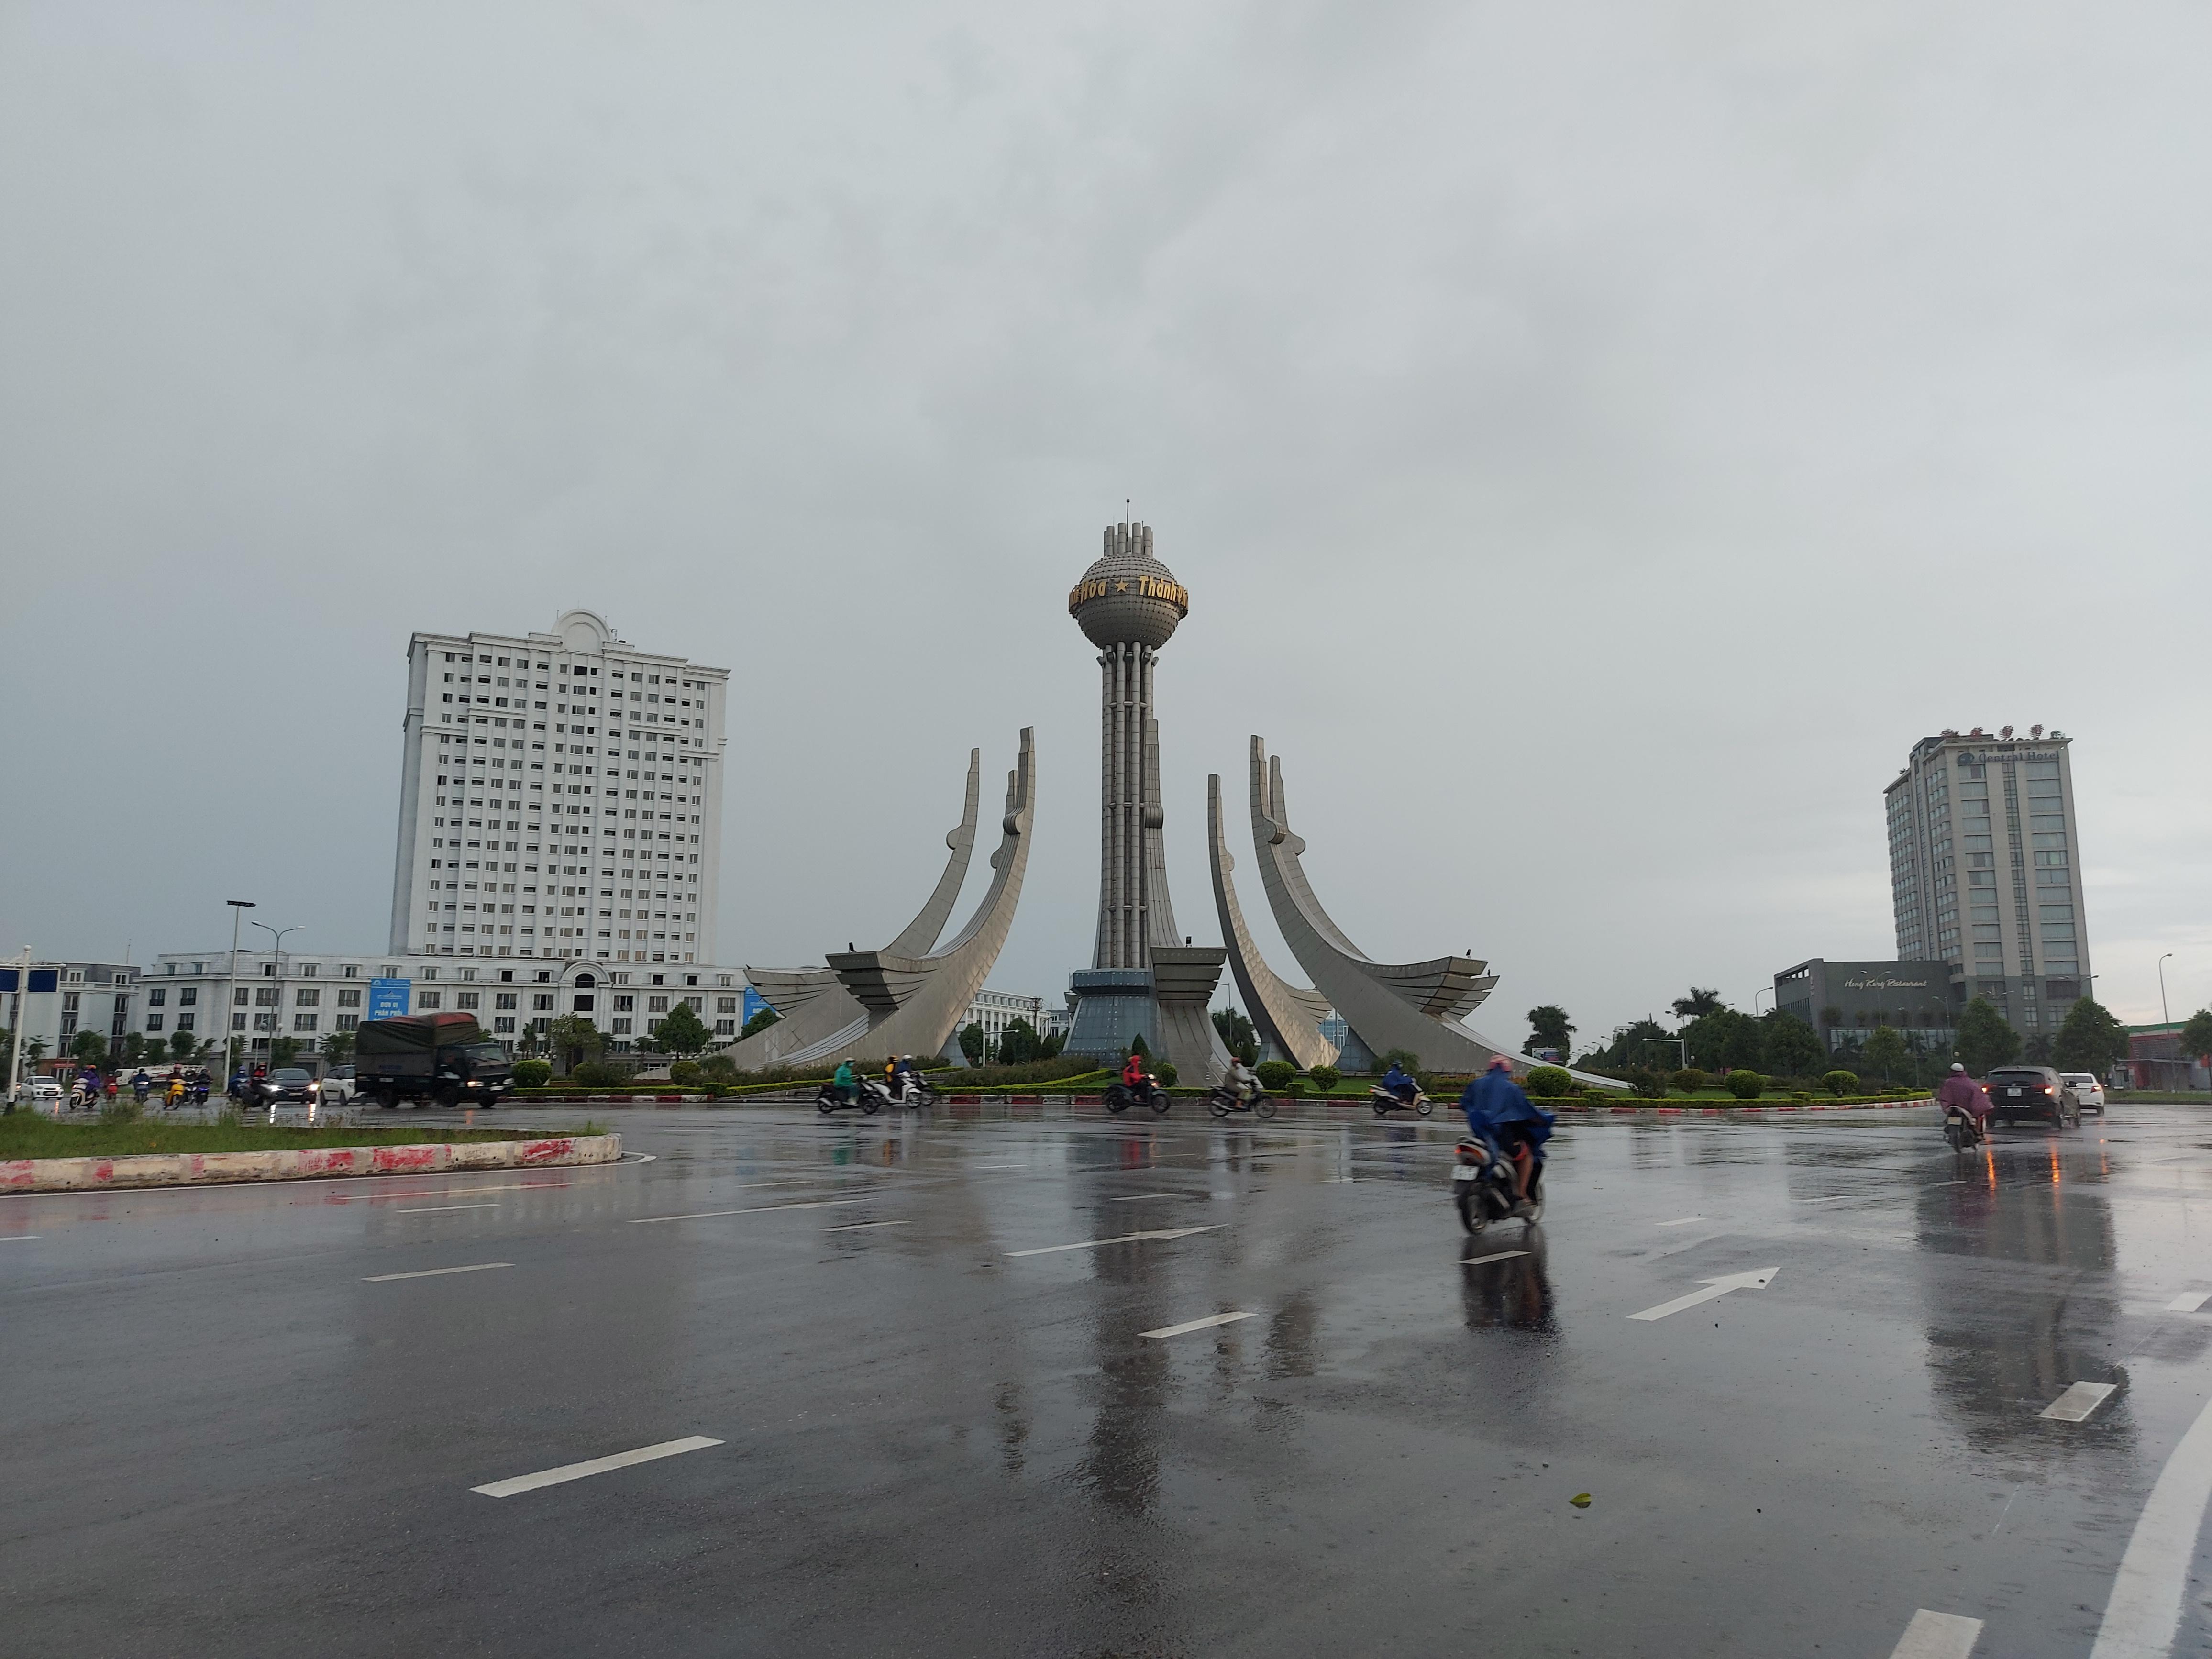 Tại khu vực vòng xuyến chim hạc, đại lộ Hùng Vương, phương tiện qua lại khá thưa thớt.